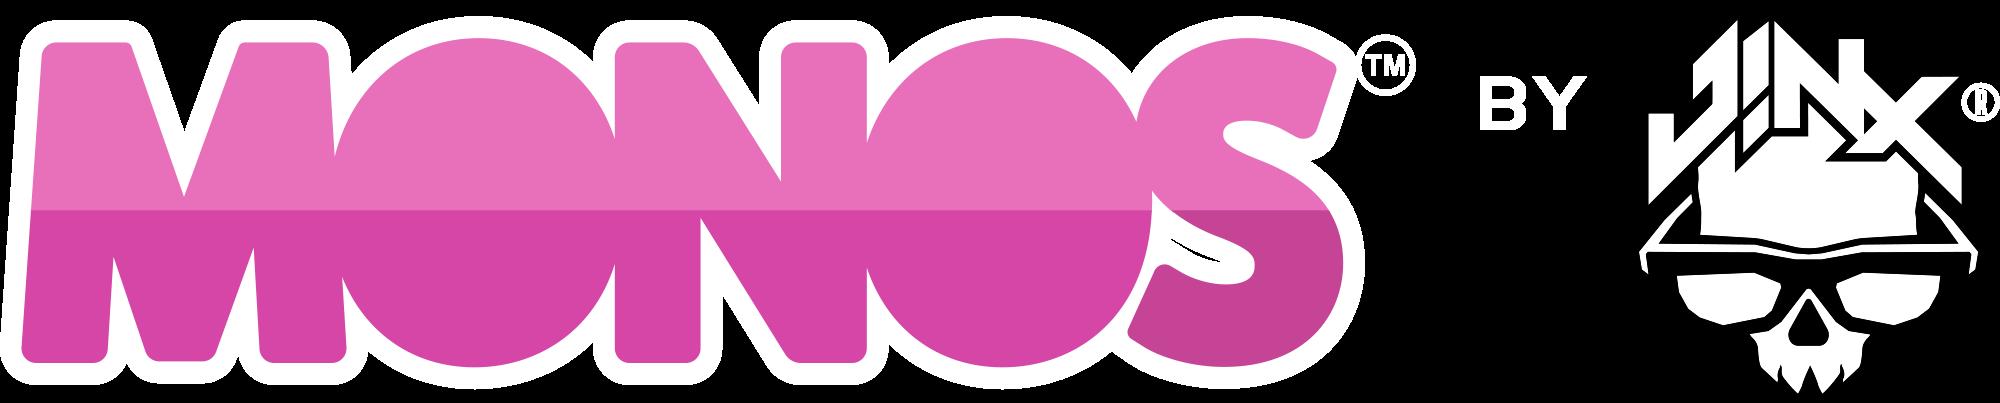 Monos by JINX logo